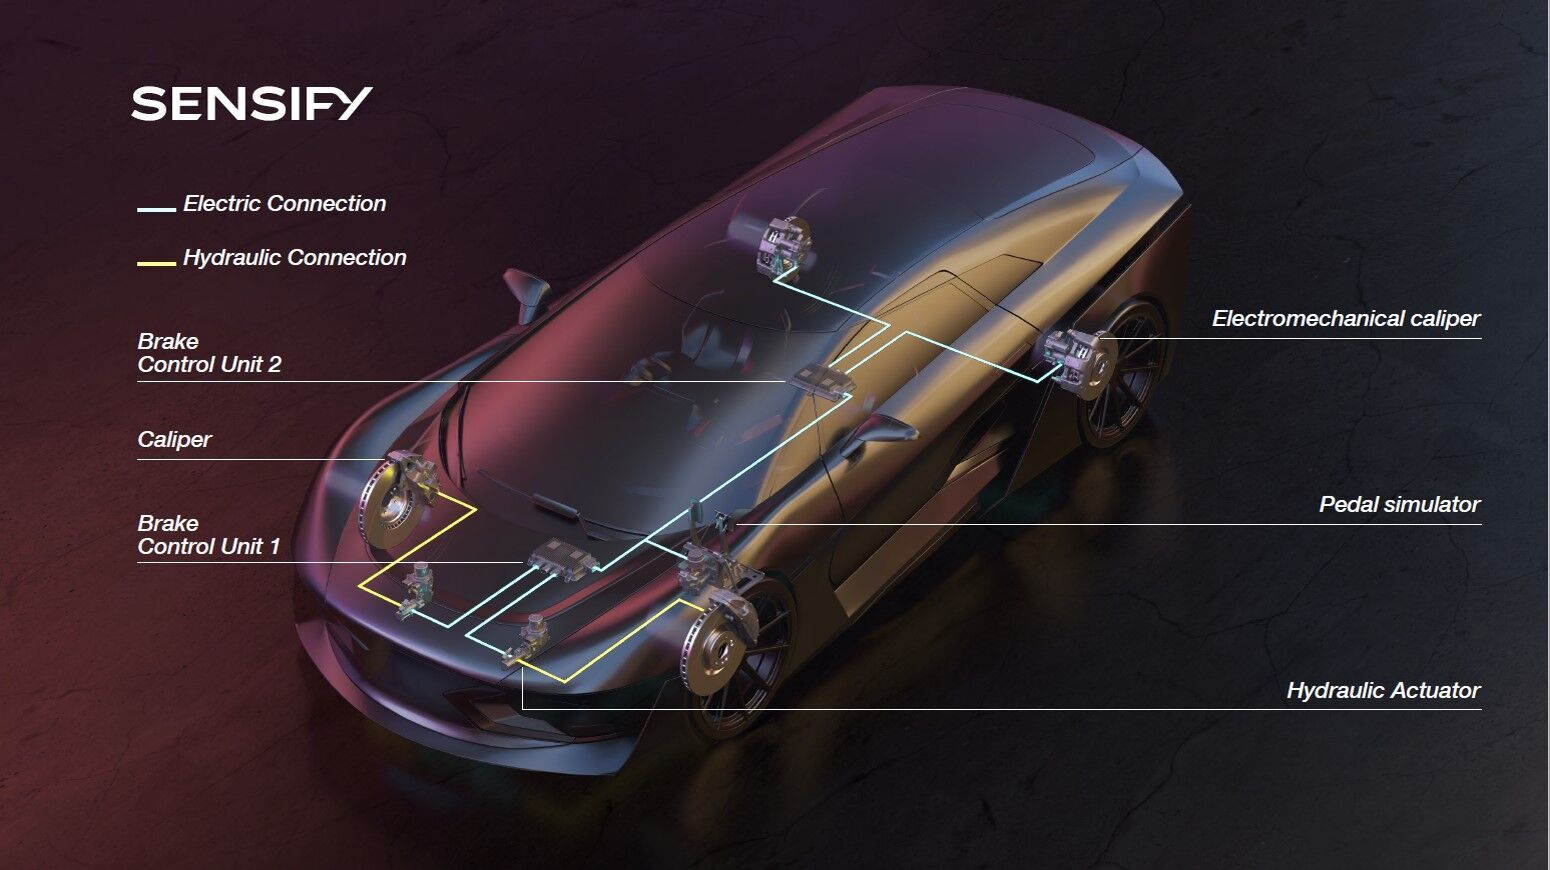 布雷博全新智能制动系统SENSIFY重磅发布